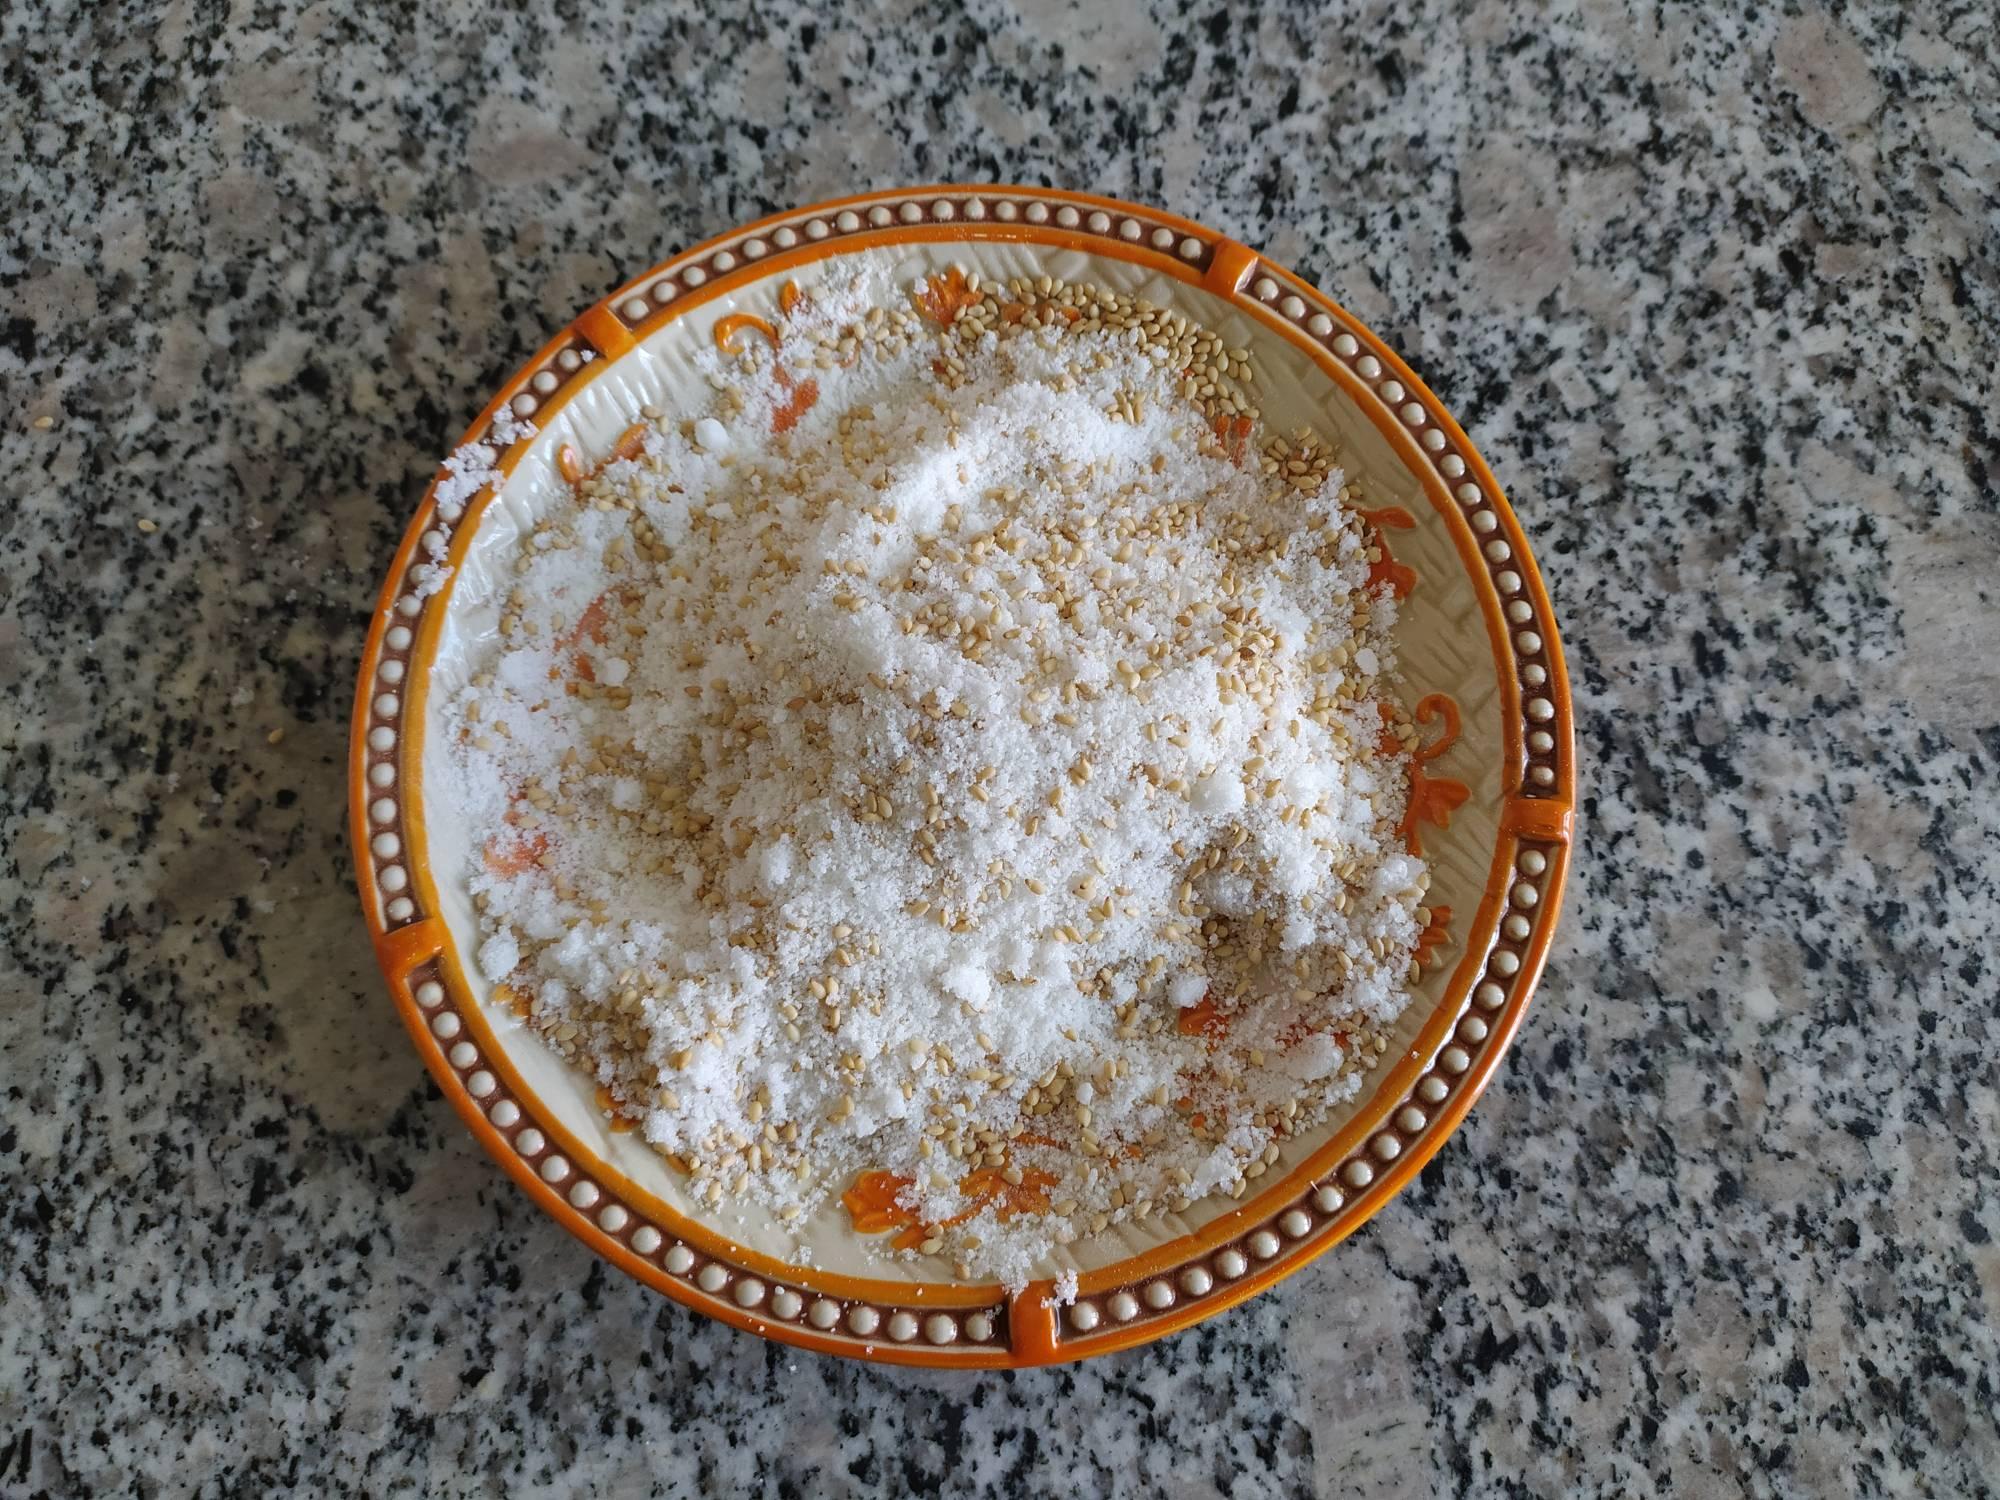 糯米粉糖包的简单做法